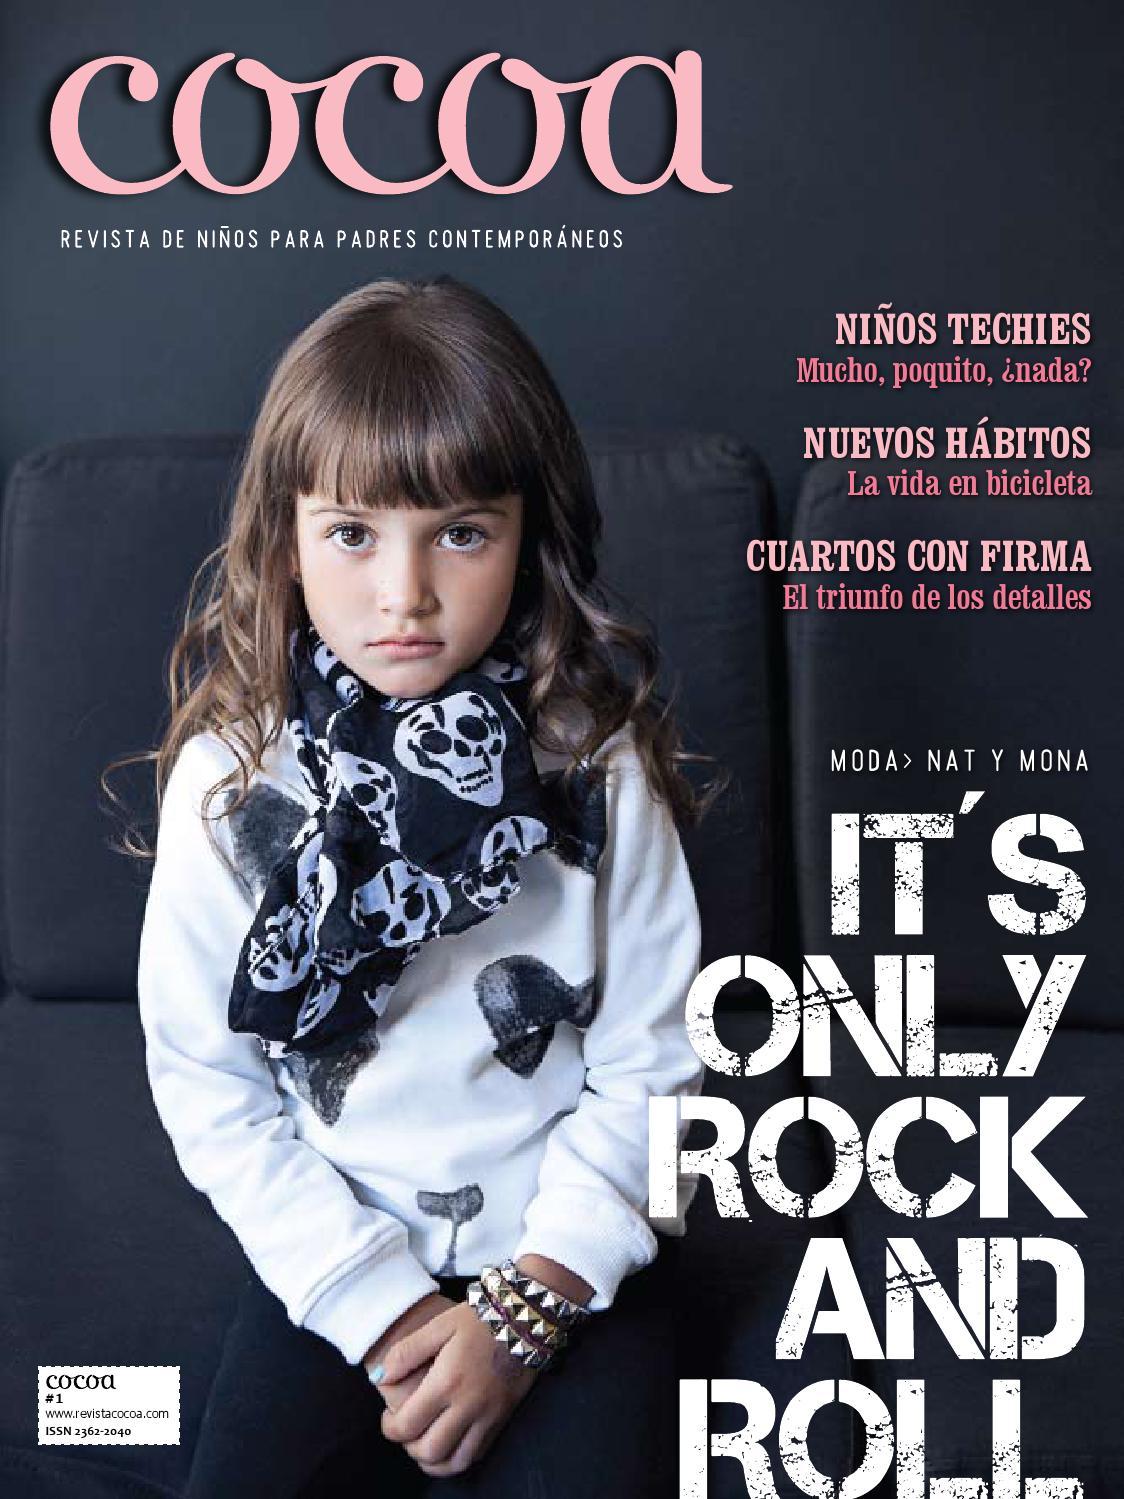 a90ea7cf7 Cocoa 1 marzo by Revista Cocoa - issuu